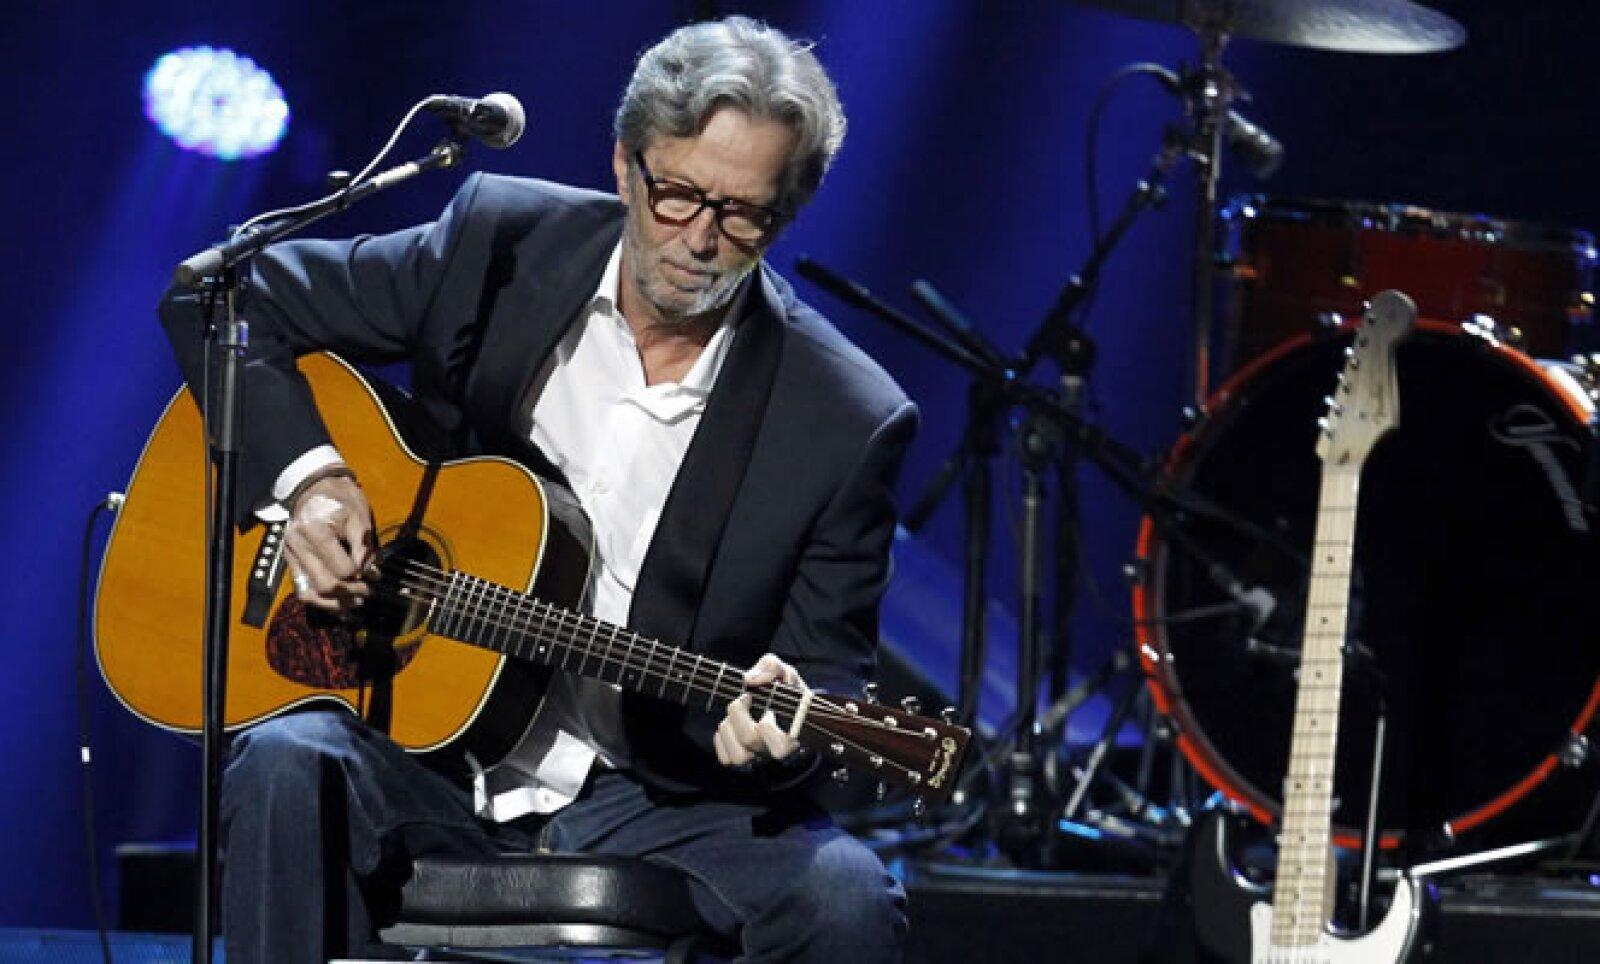 El blues corrió a cargo del legendario Eric Clapton. Los boletos, que se vendieron entre 150 y 2,500 dólares, se agotaron.